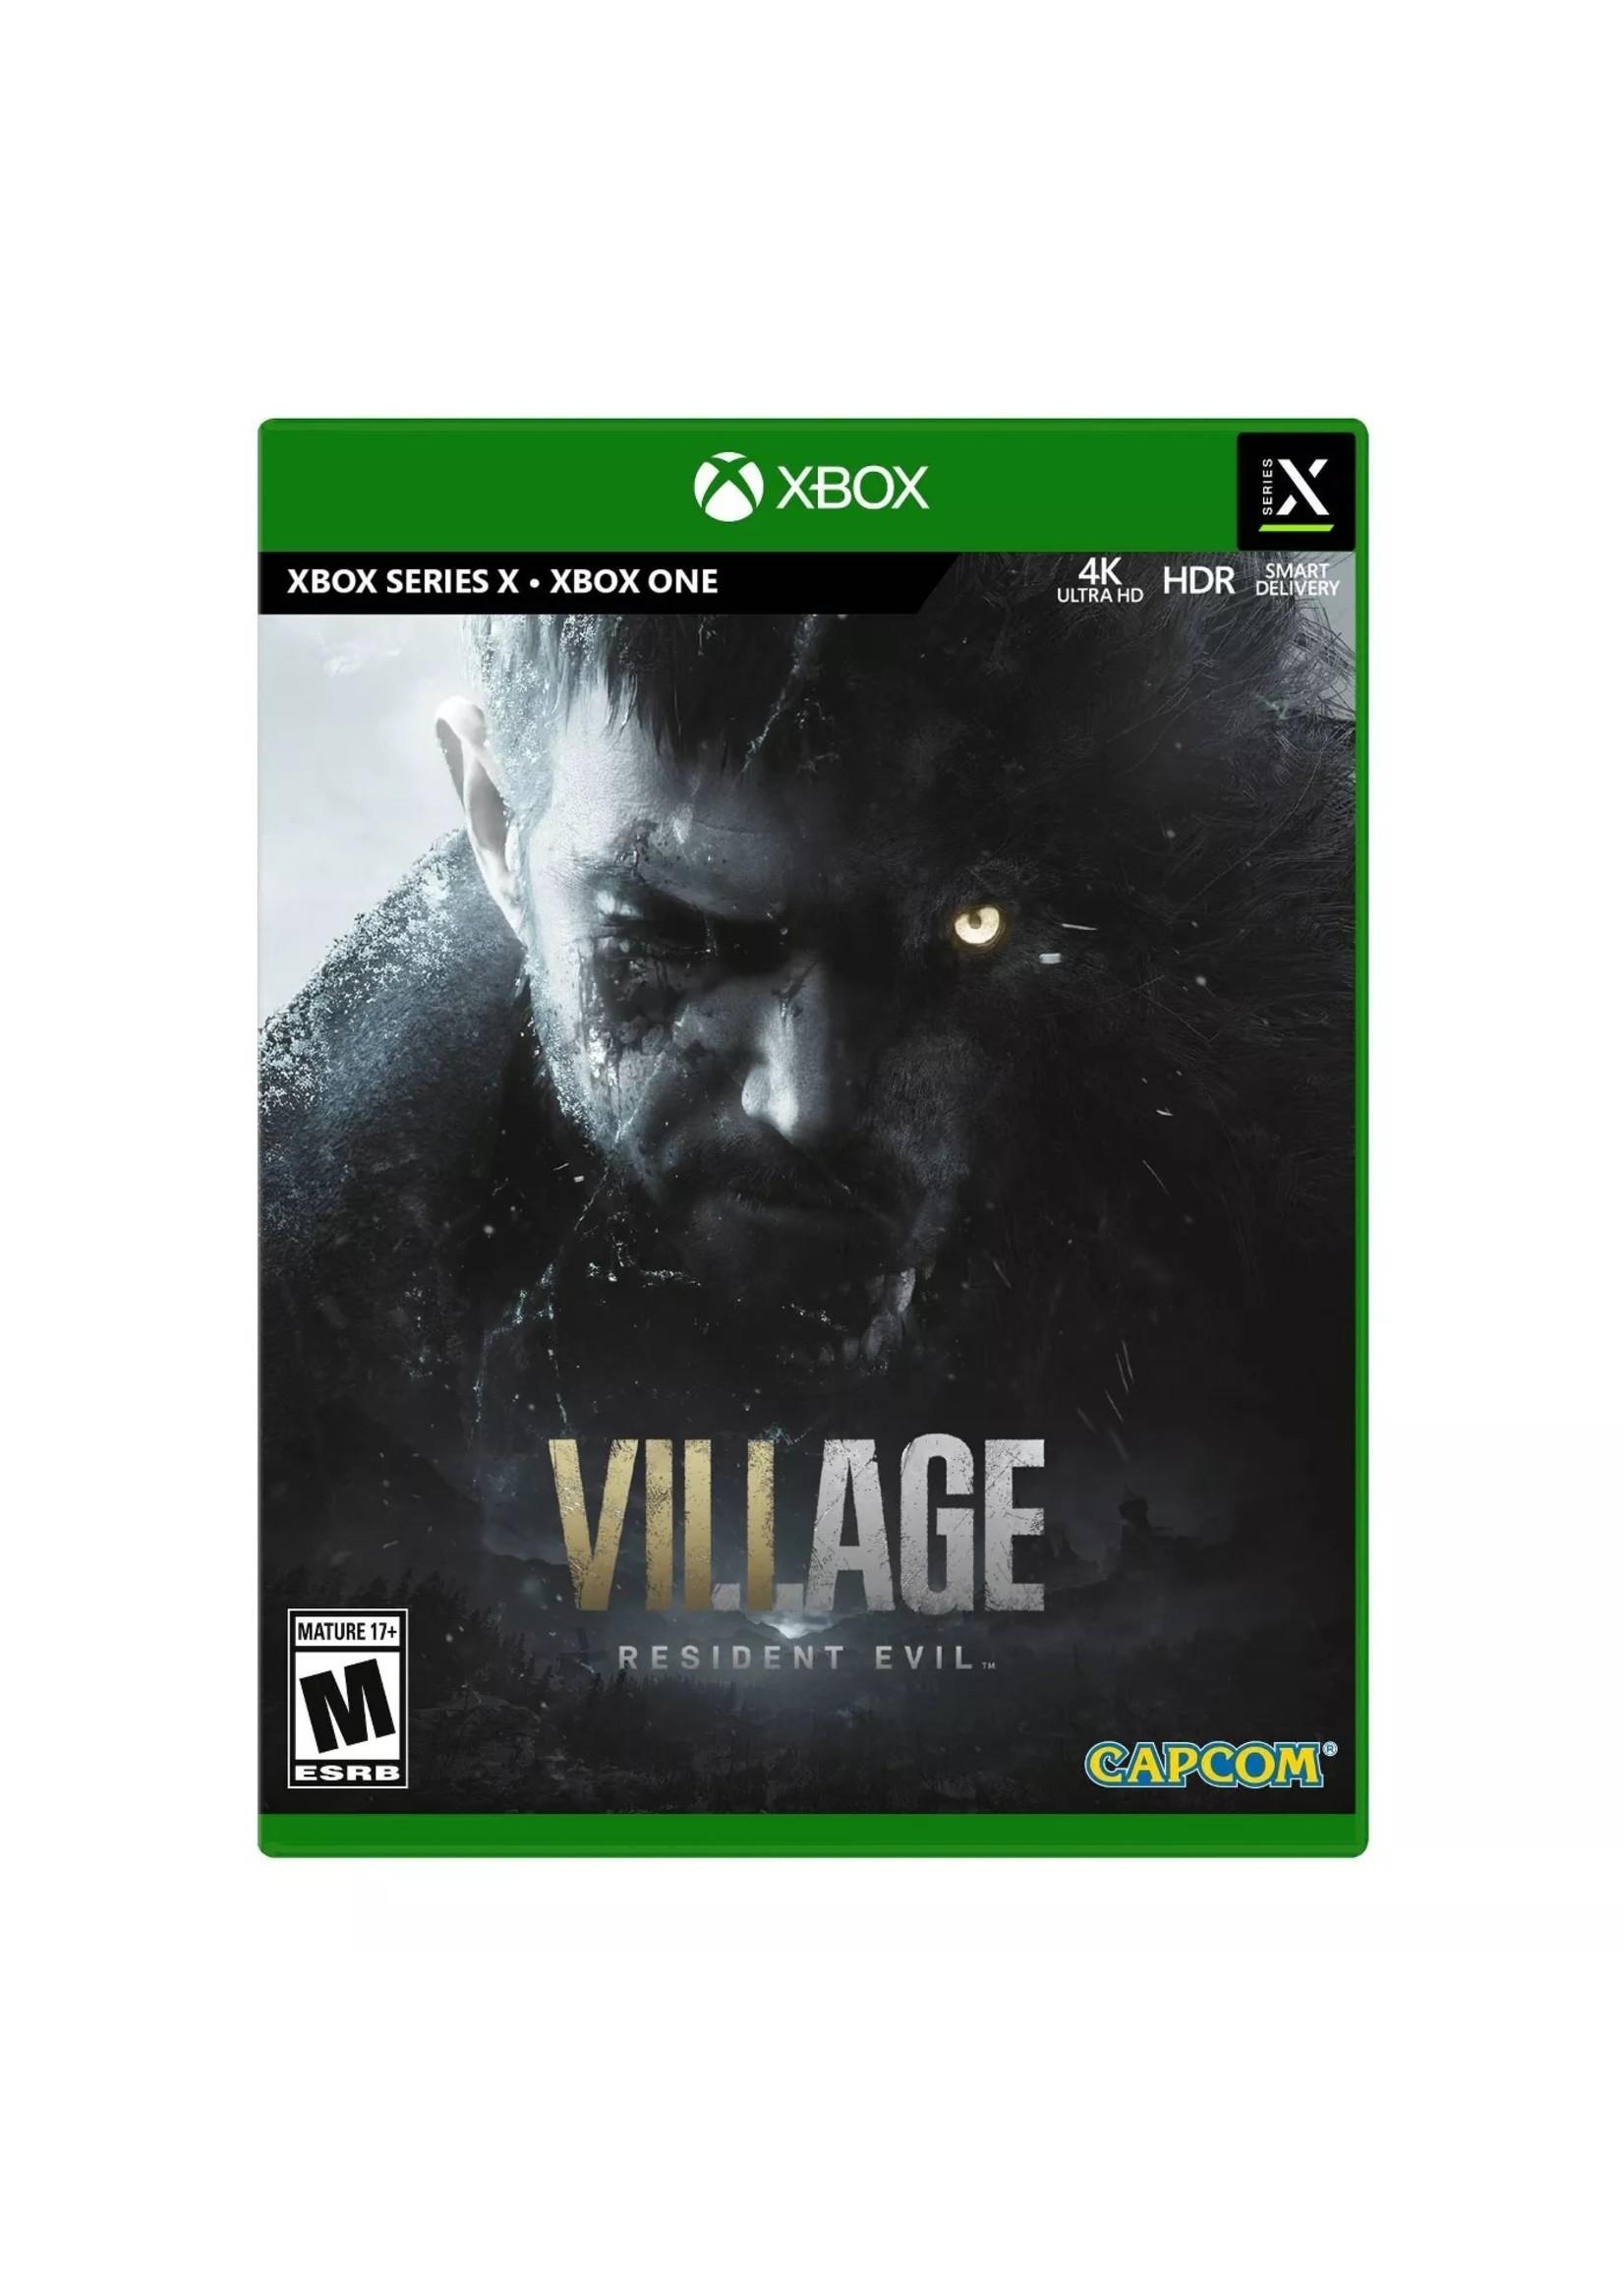 Resident Evil: Village - XBOne NEW